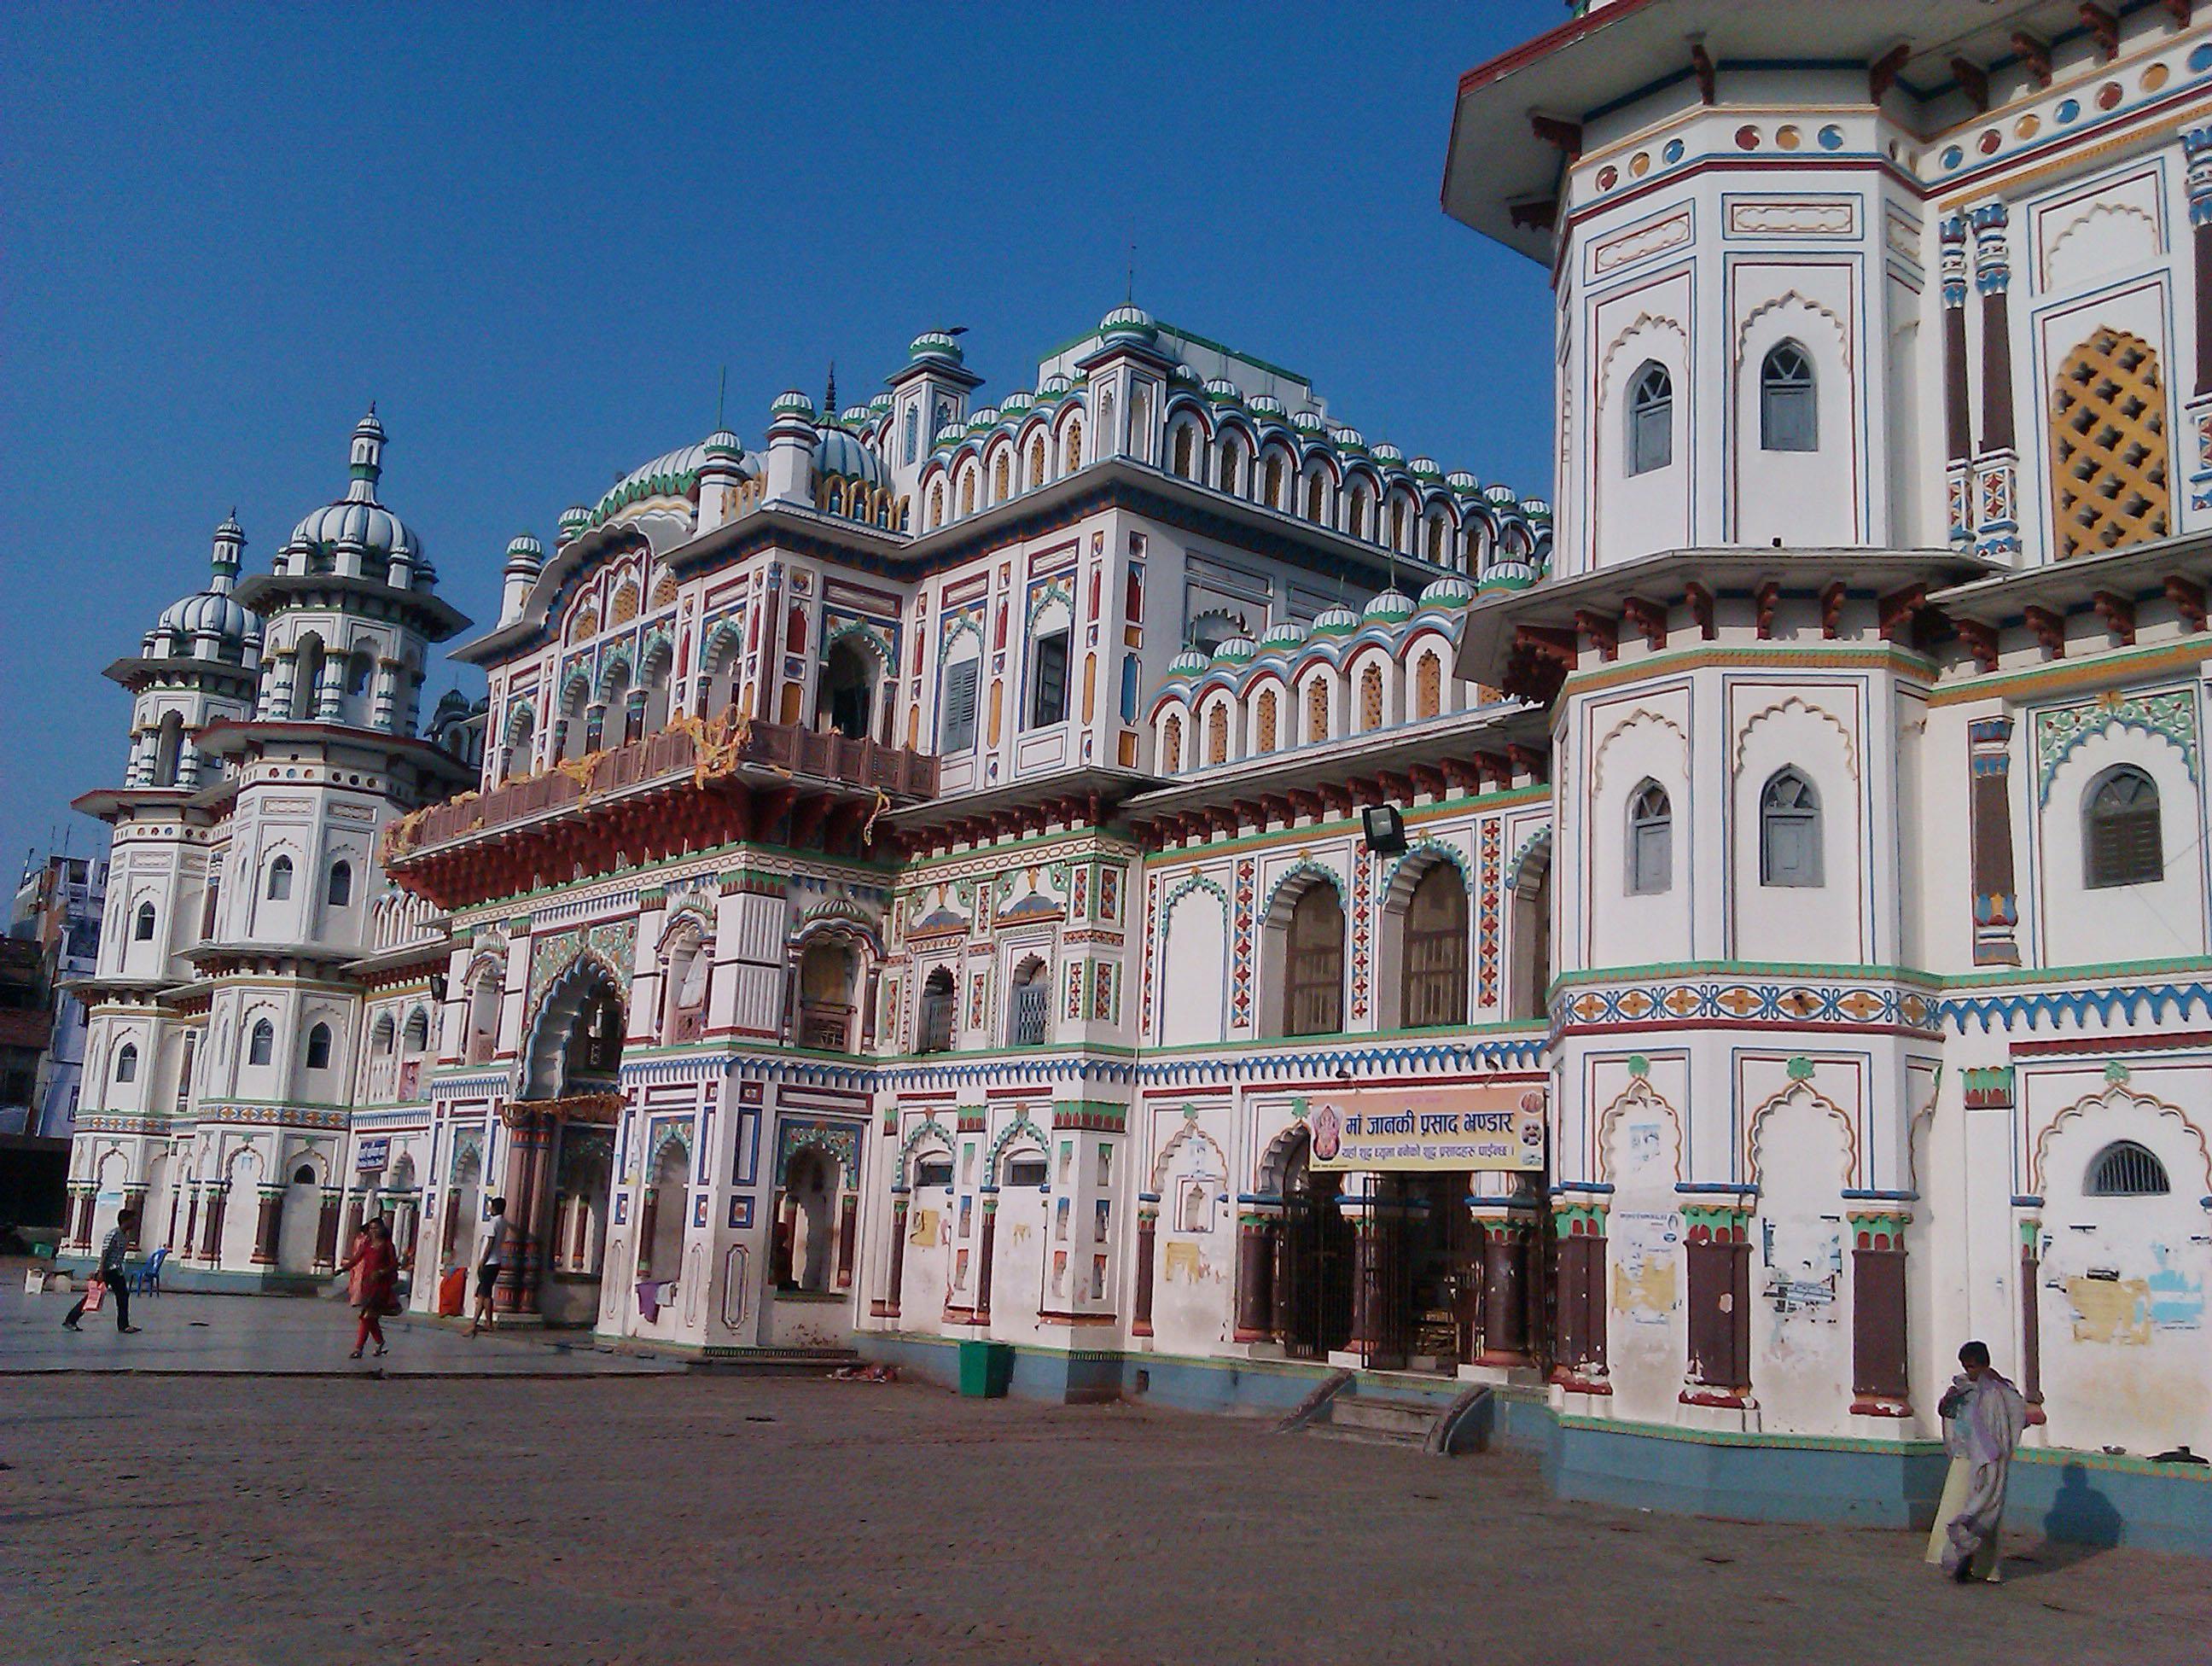 Janaki mandir-Janakpur | VIEW AROUND JANAKPUR - YouTube